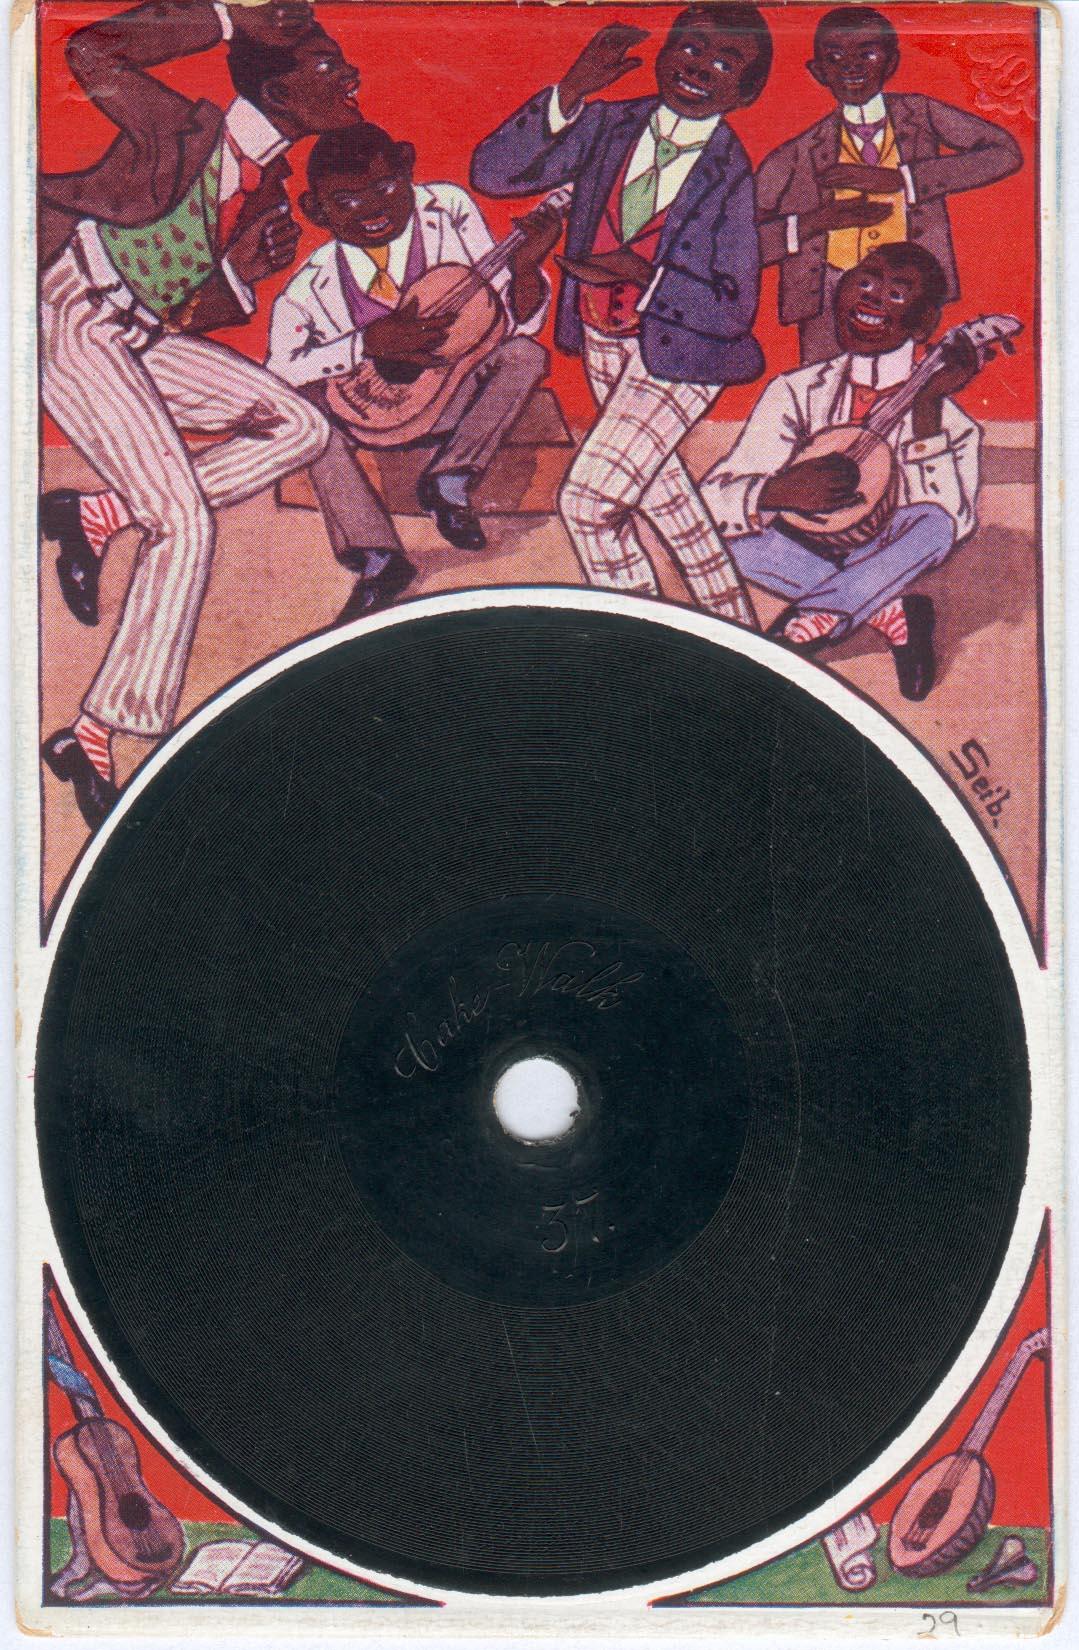 grammophon orchestrola verkaufen